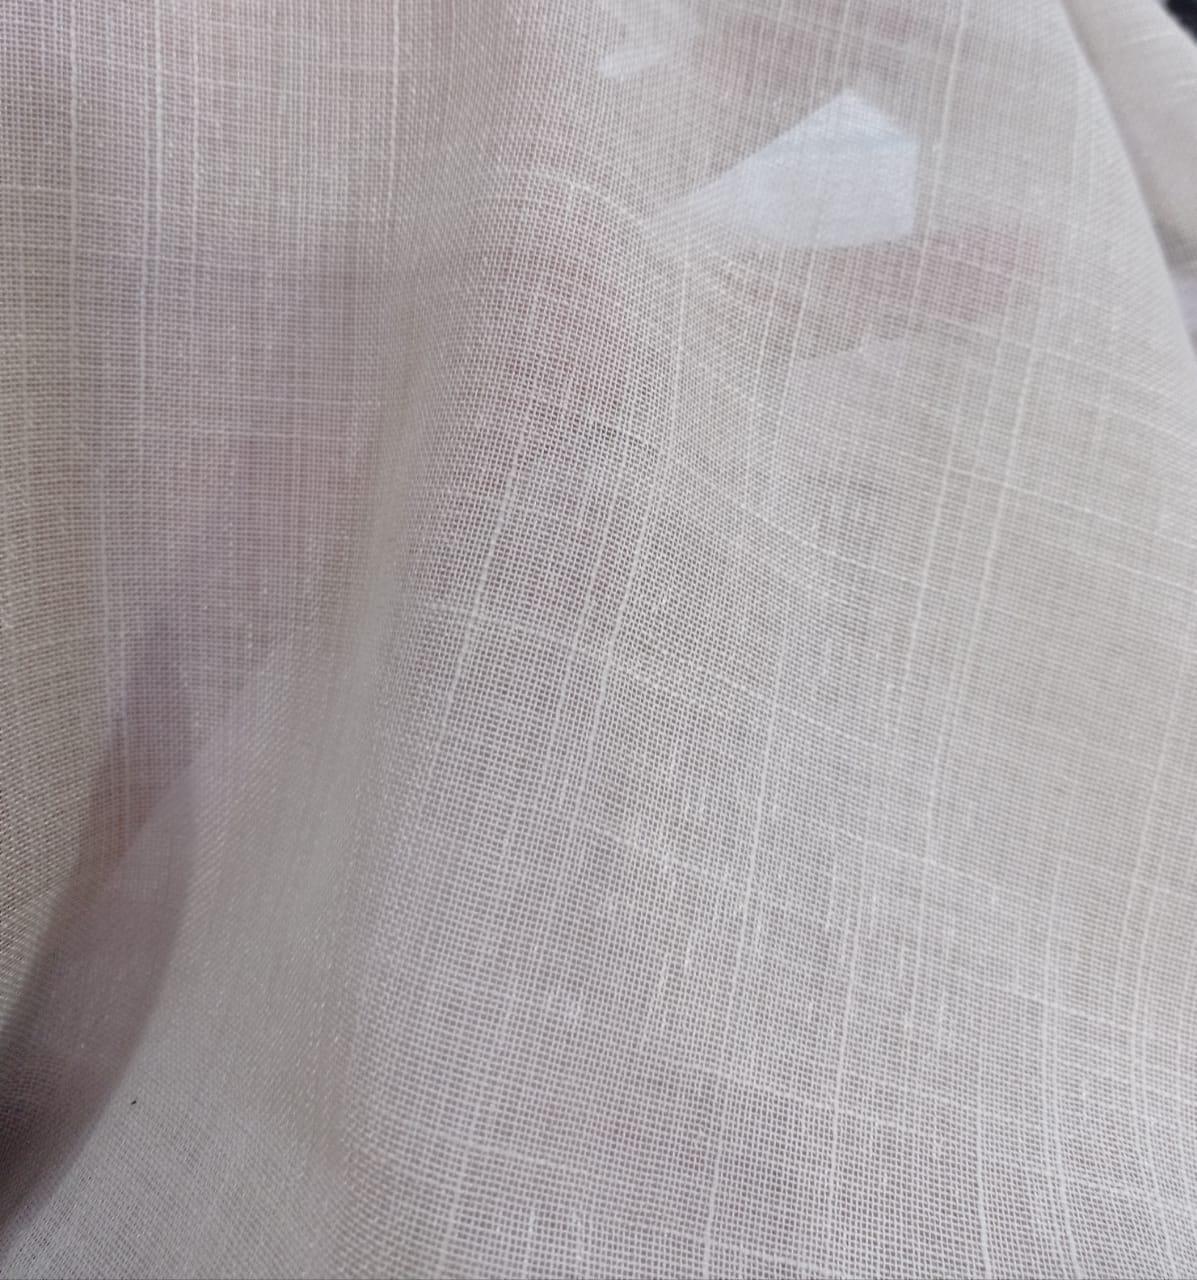 Cortina de Gaze de linho bege com forro microfibra - 10,00 x 2,85 - Para Trilho Suíço Max Duplo (L)